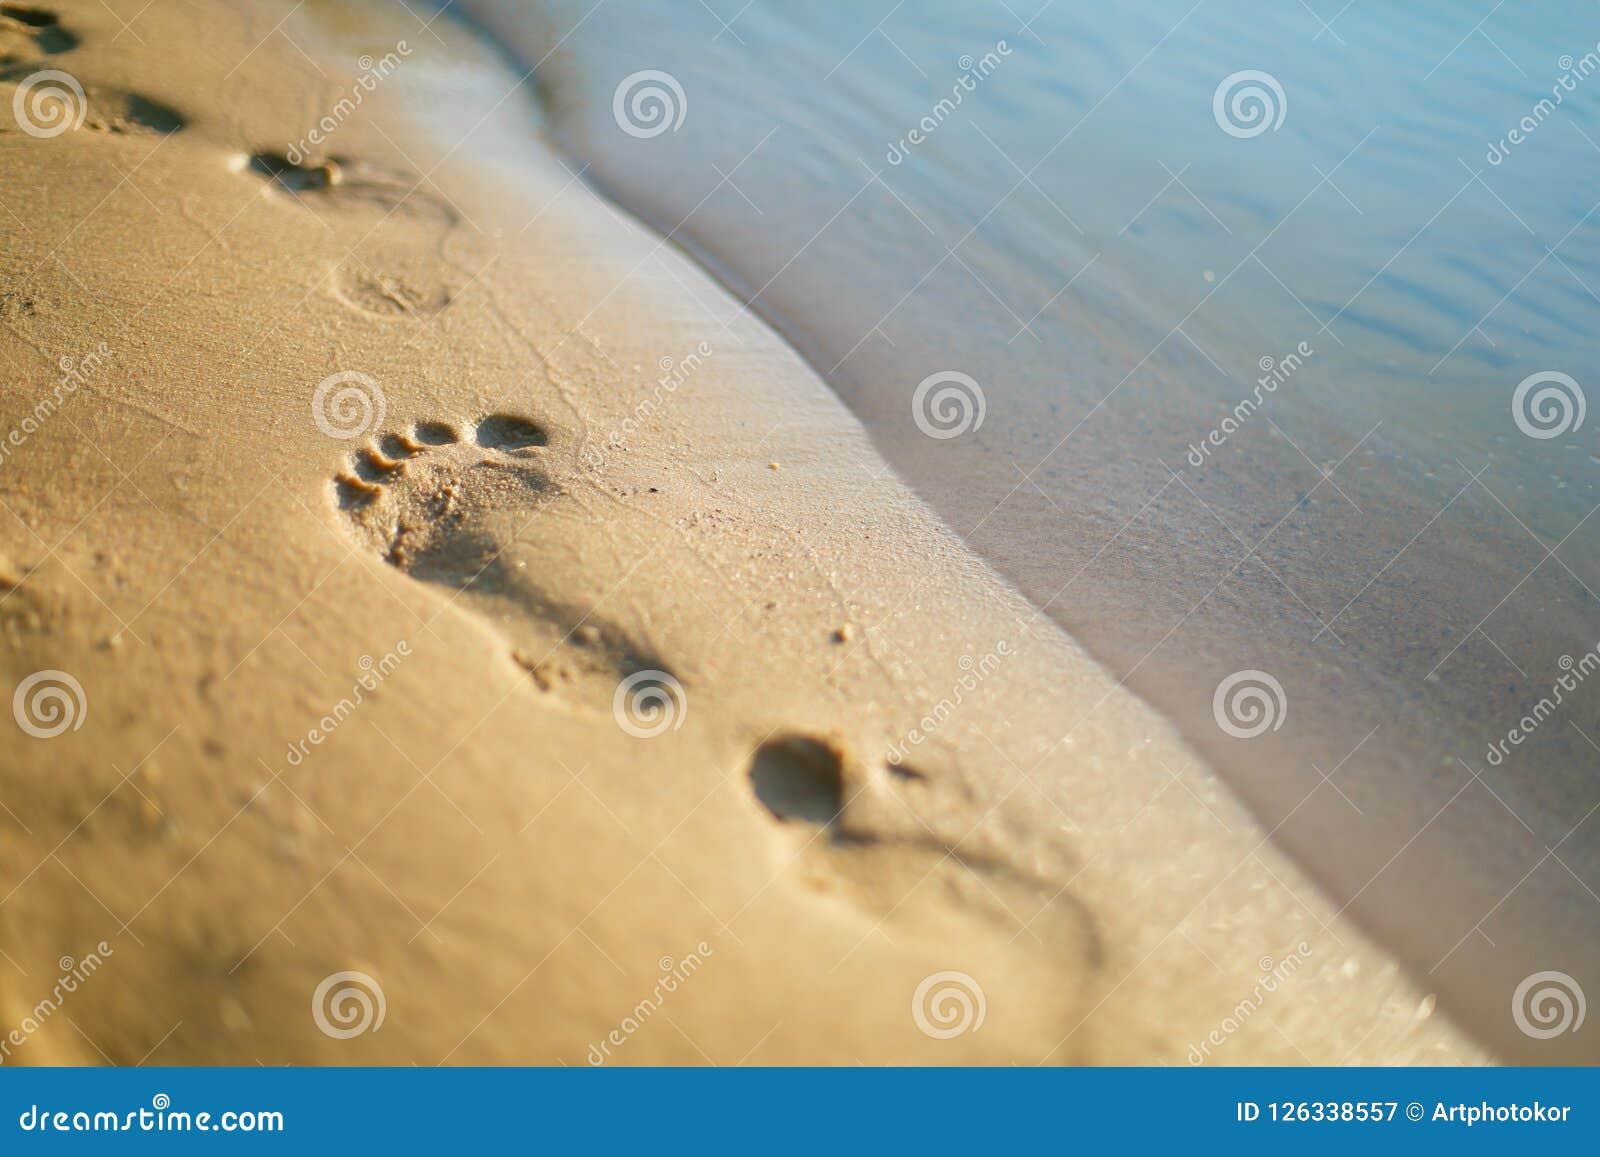 Primo piano umano di orme sulla spiaggia sabbiosa